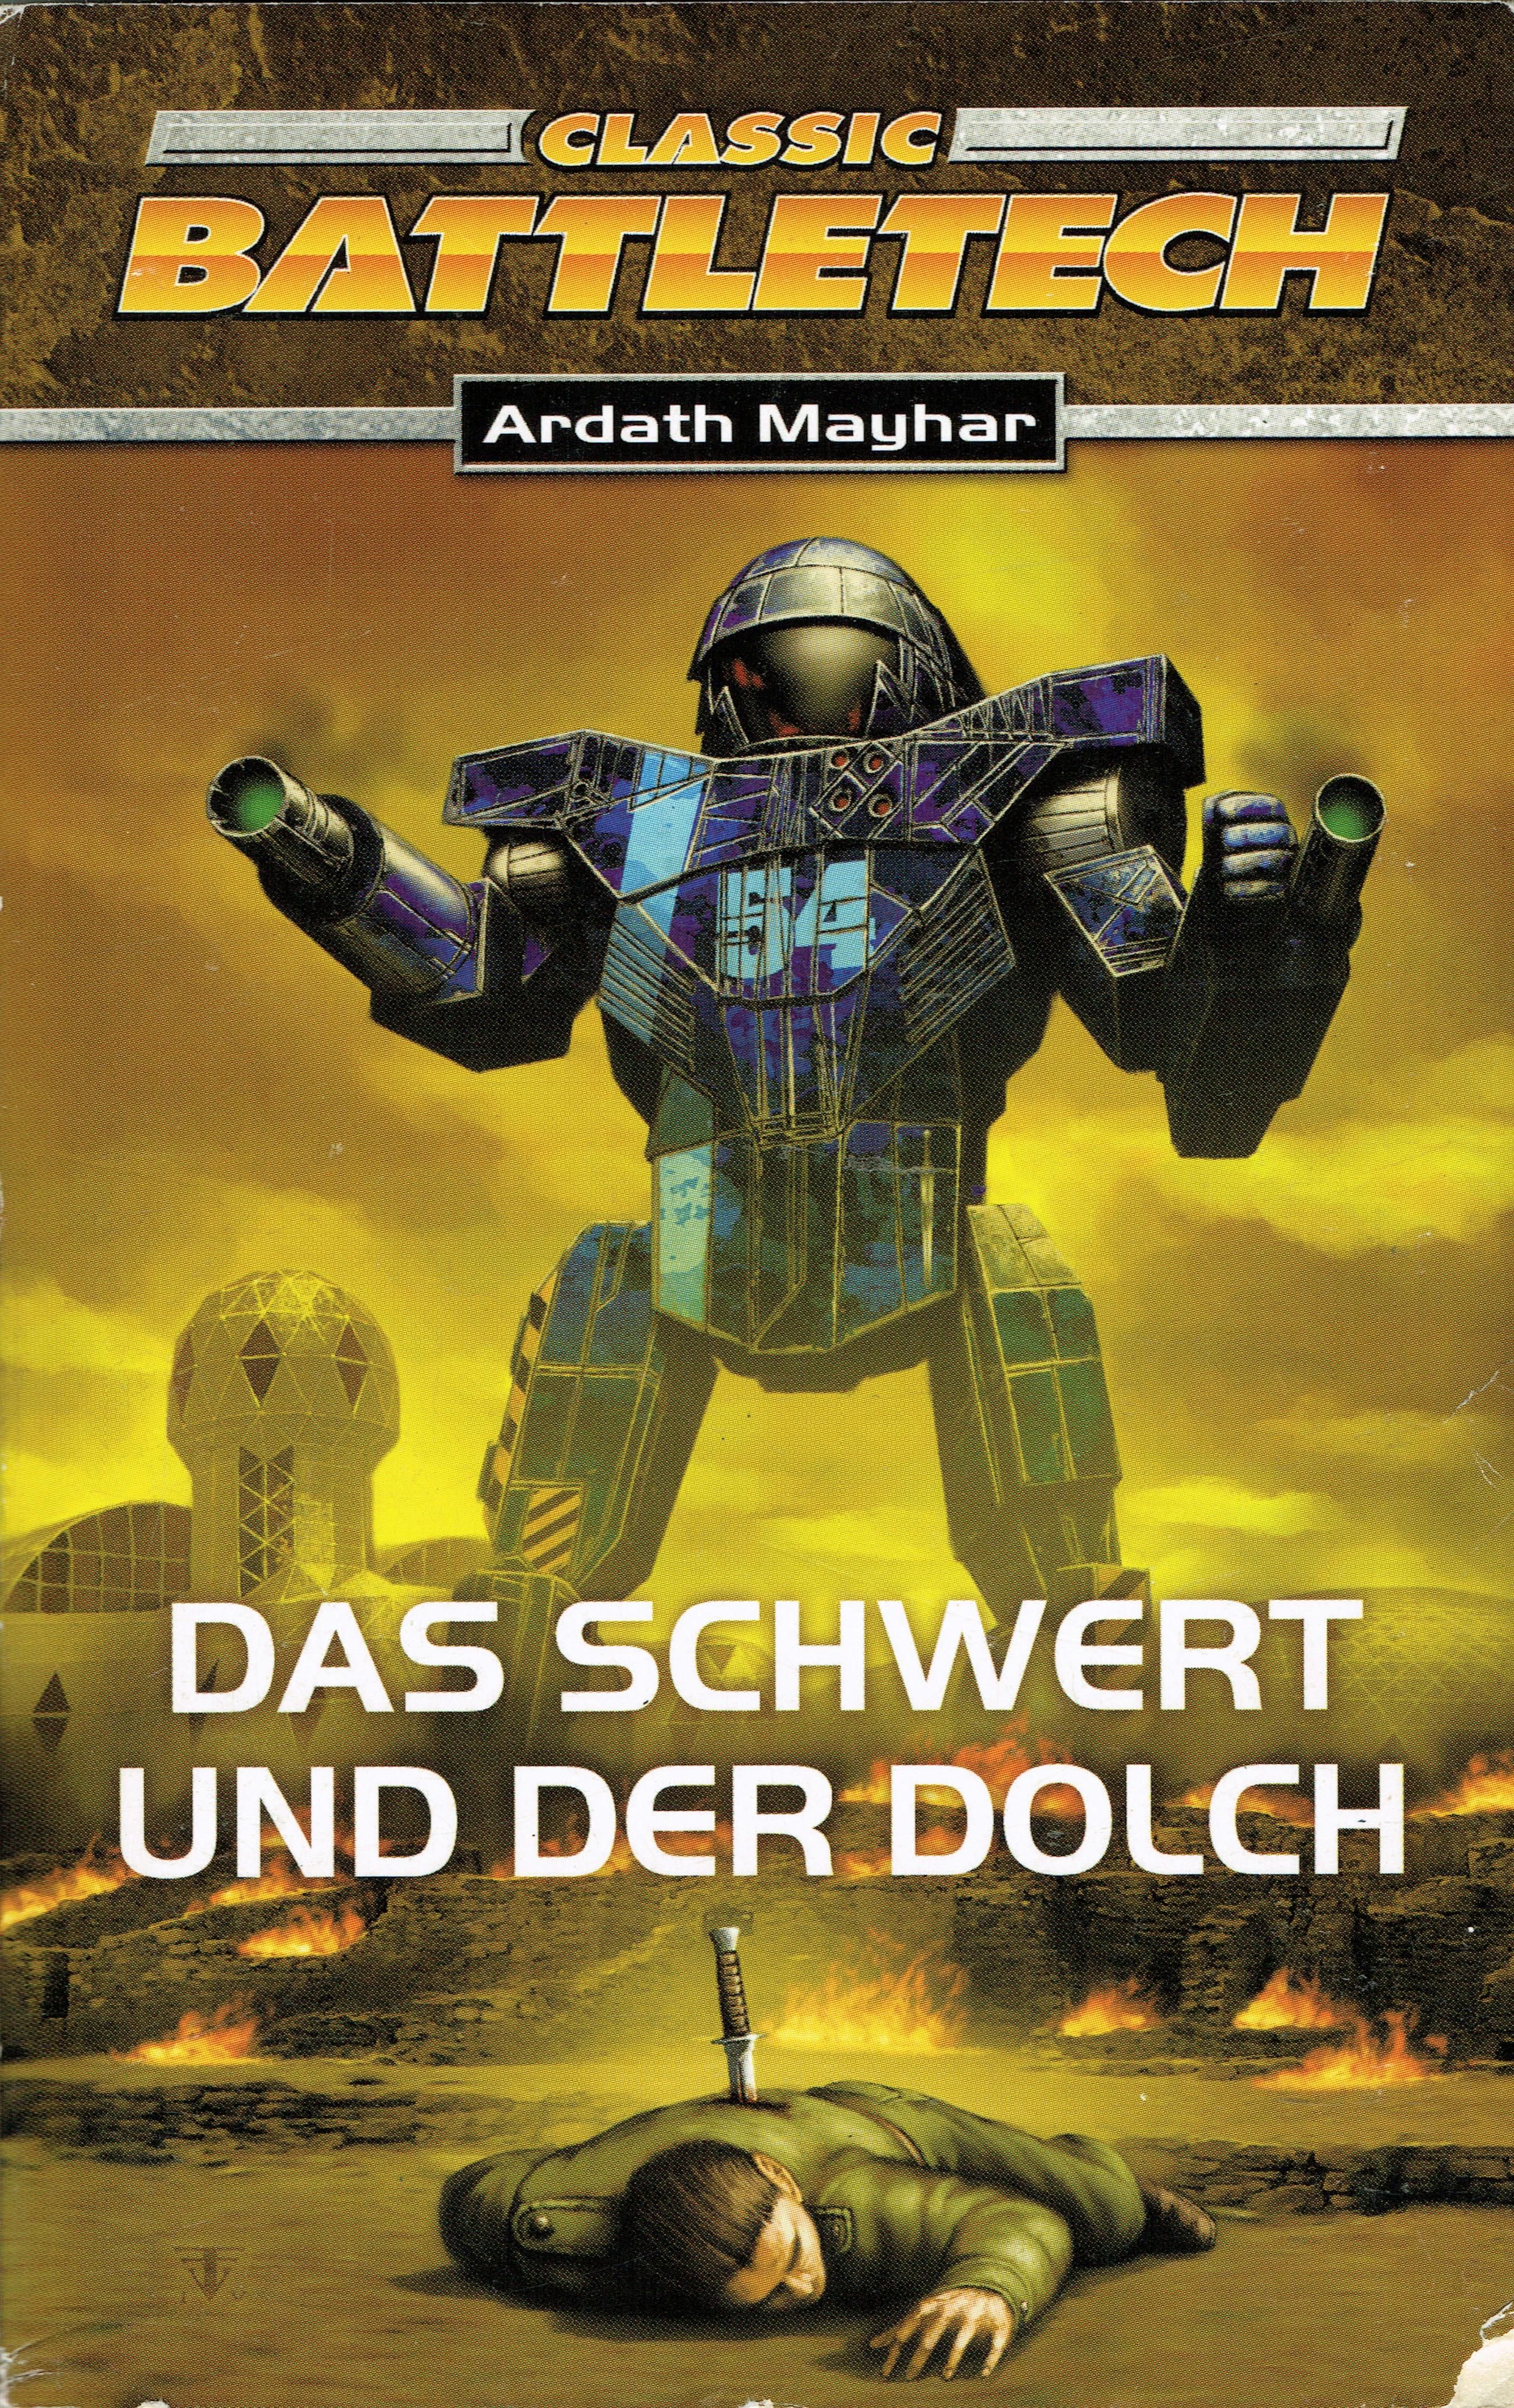 File:Sword and Dagger german2.jpg